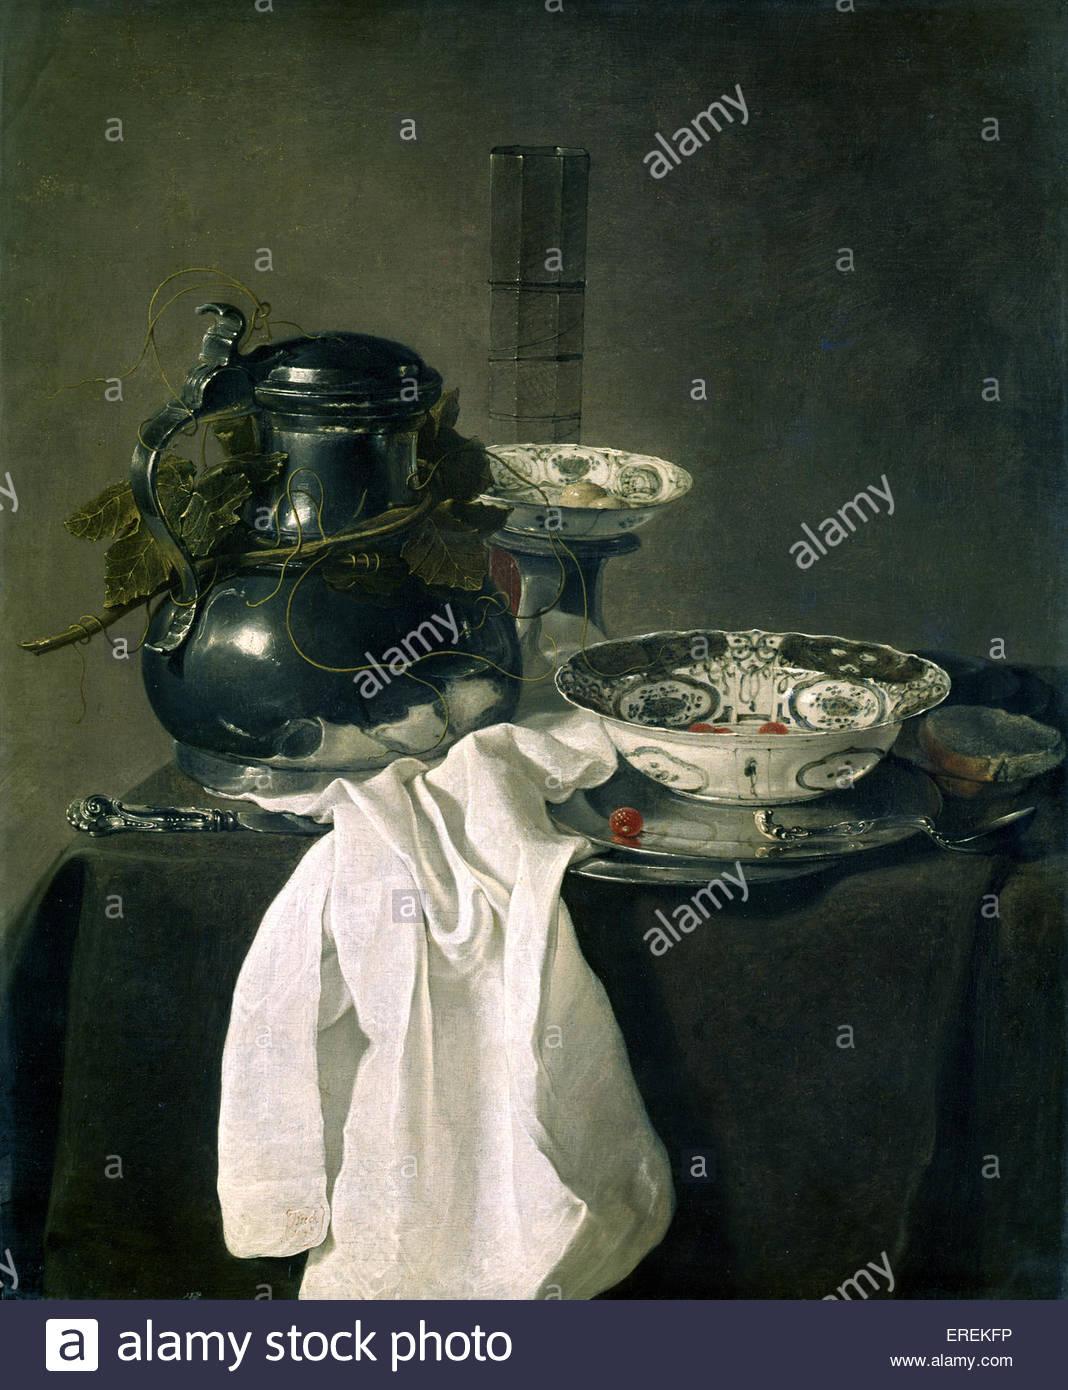 Nature morte au flacon en étain et deux bols Ming par Jan Treck, peintre néerlandais (1605/6 - 1652). Photo Stock